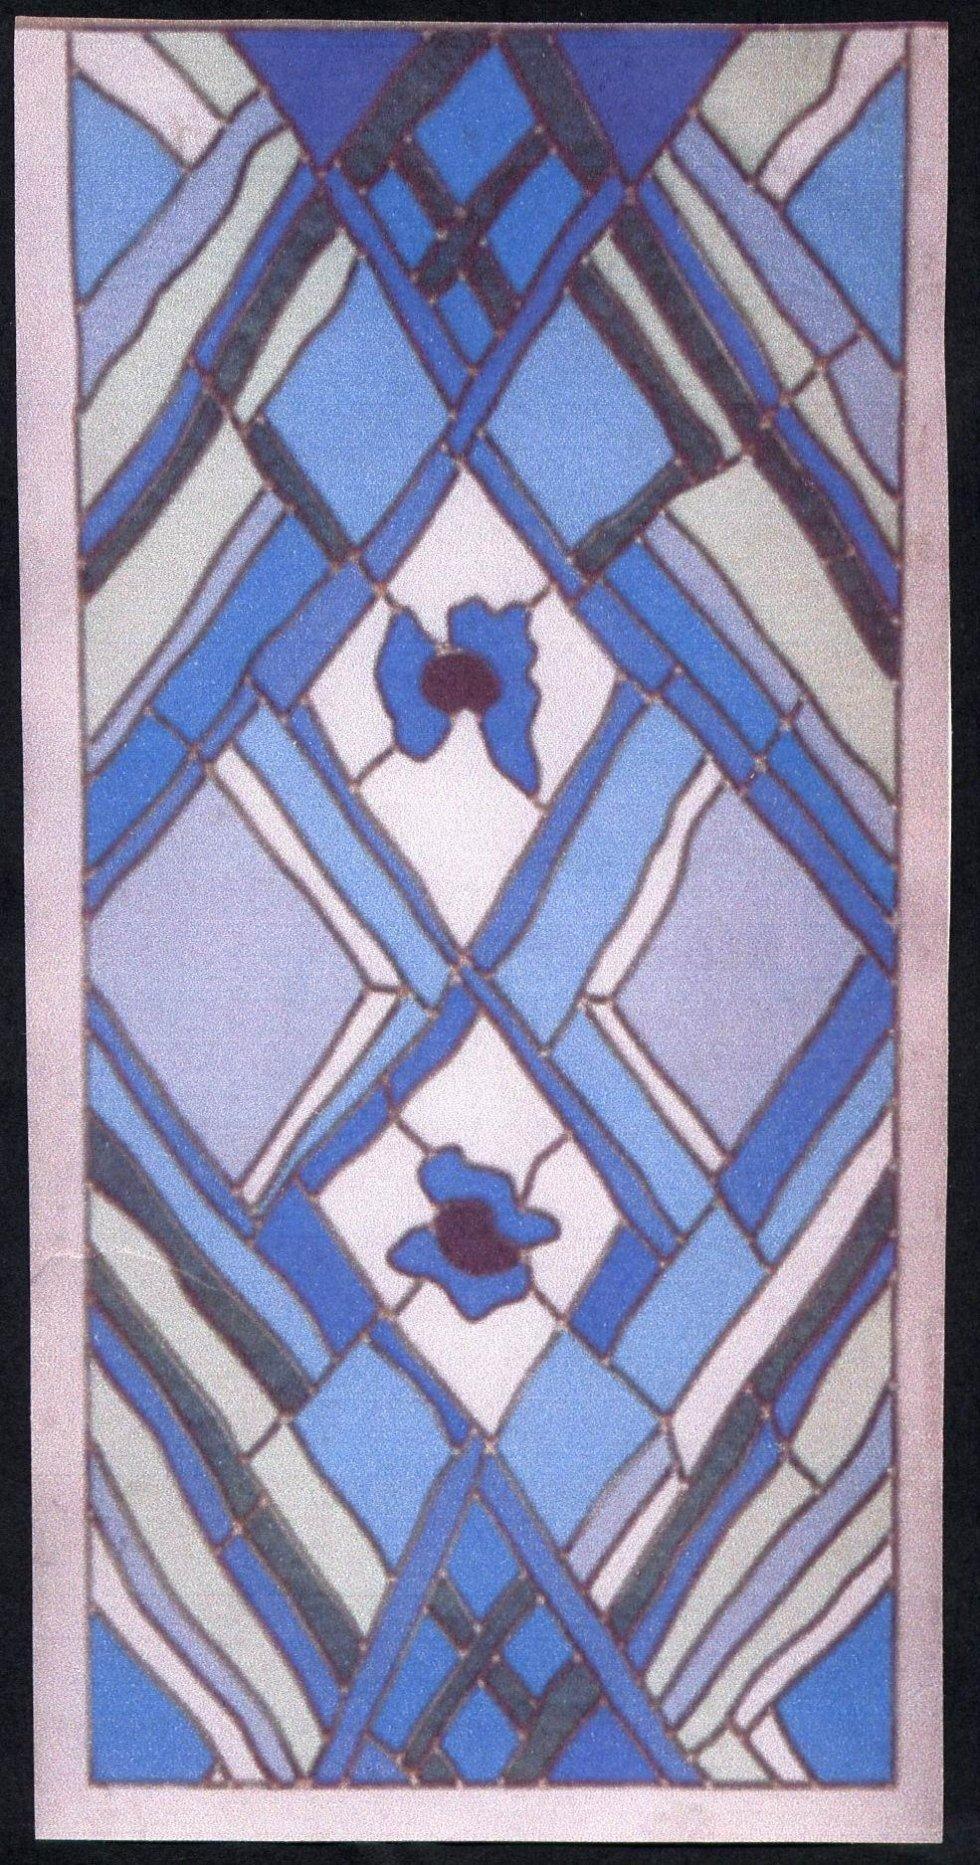 due vetrate di colore azzurro e giallo